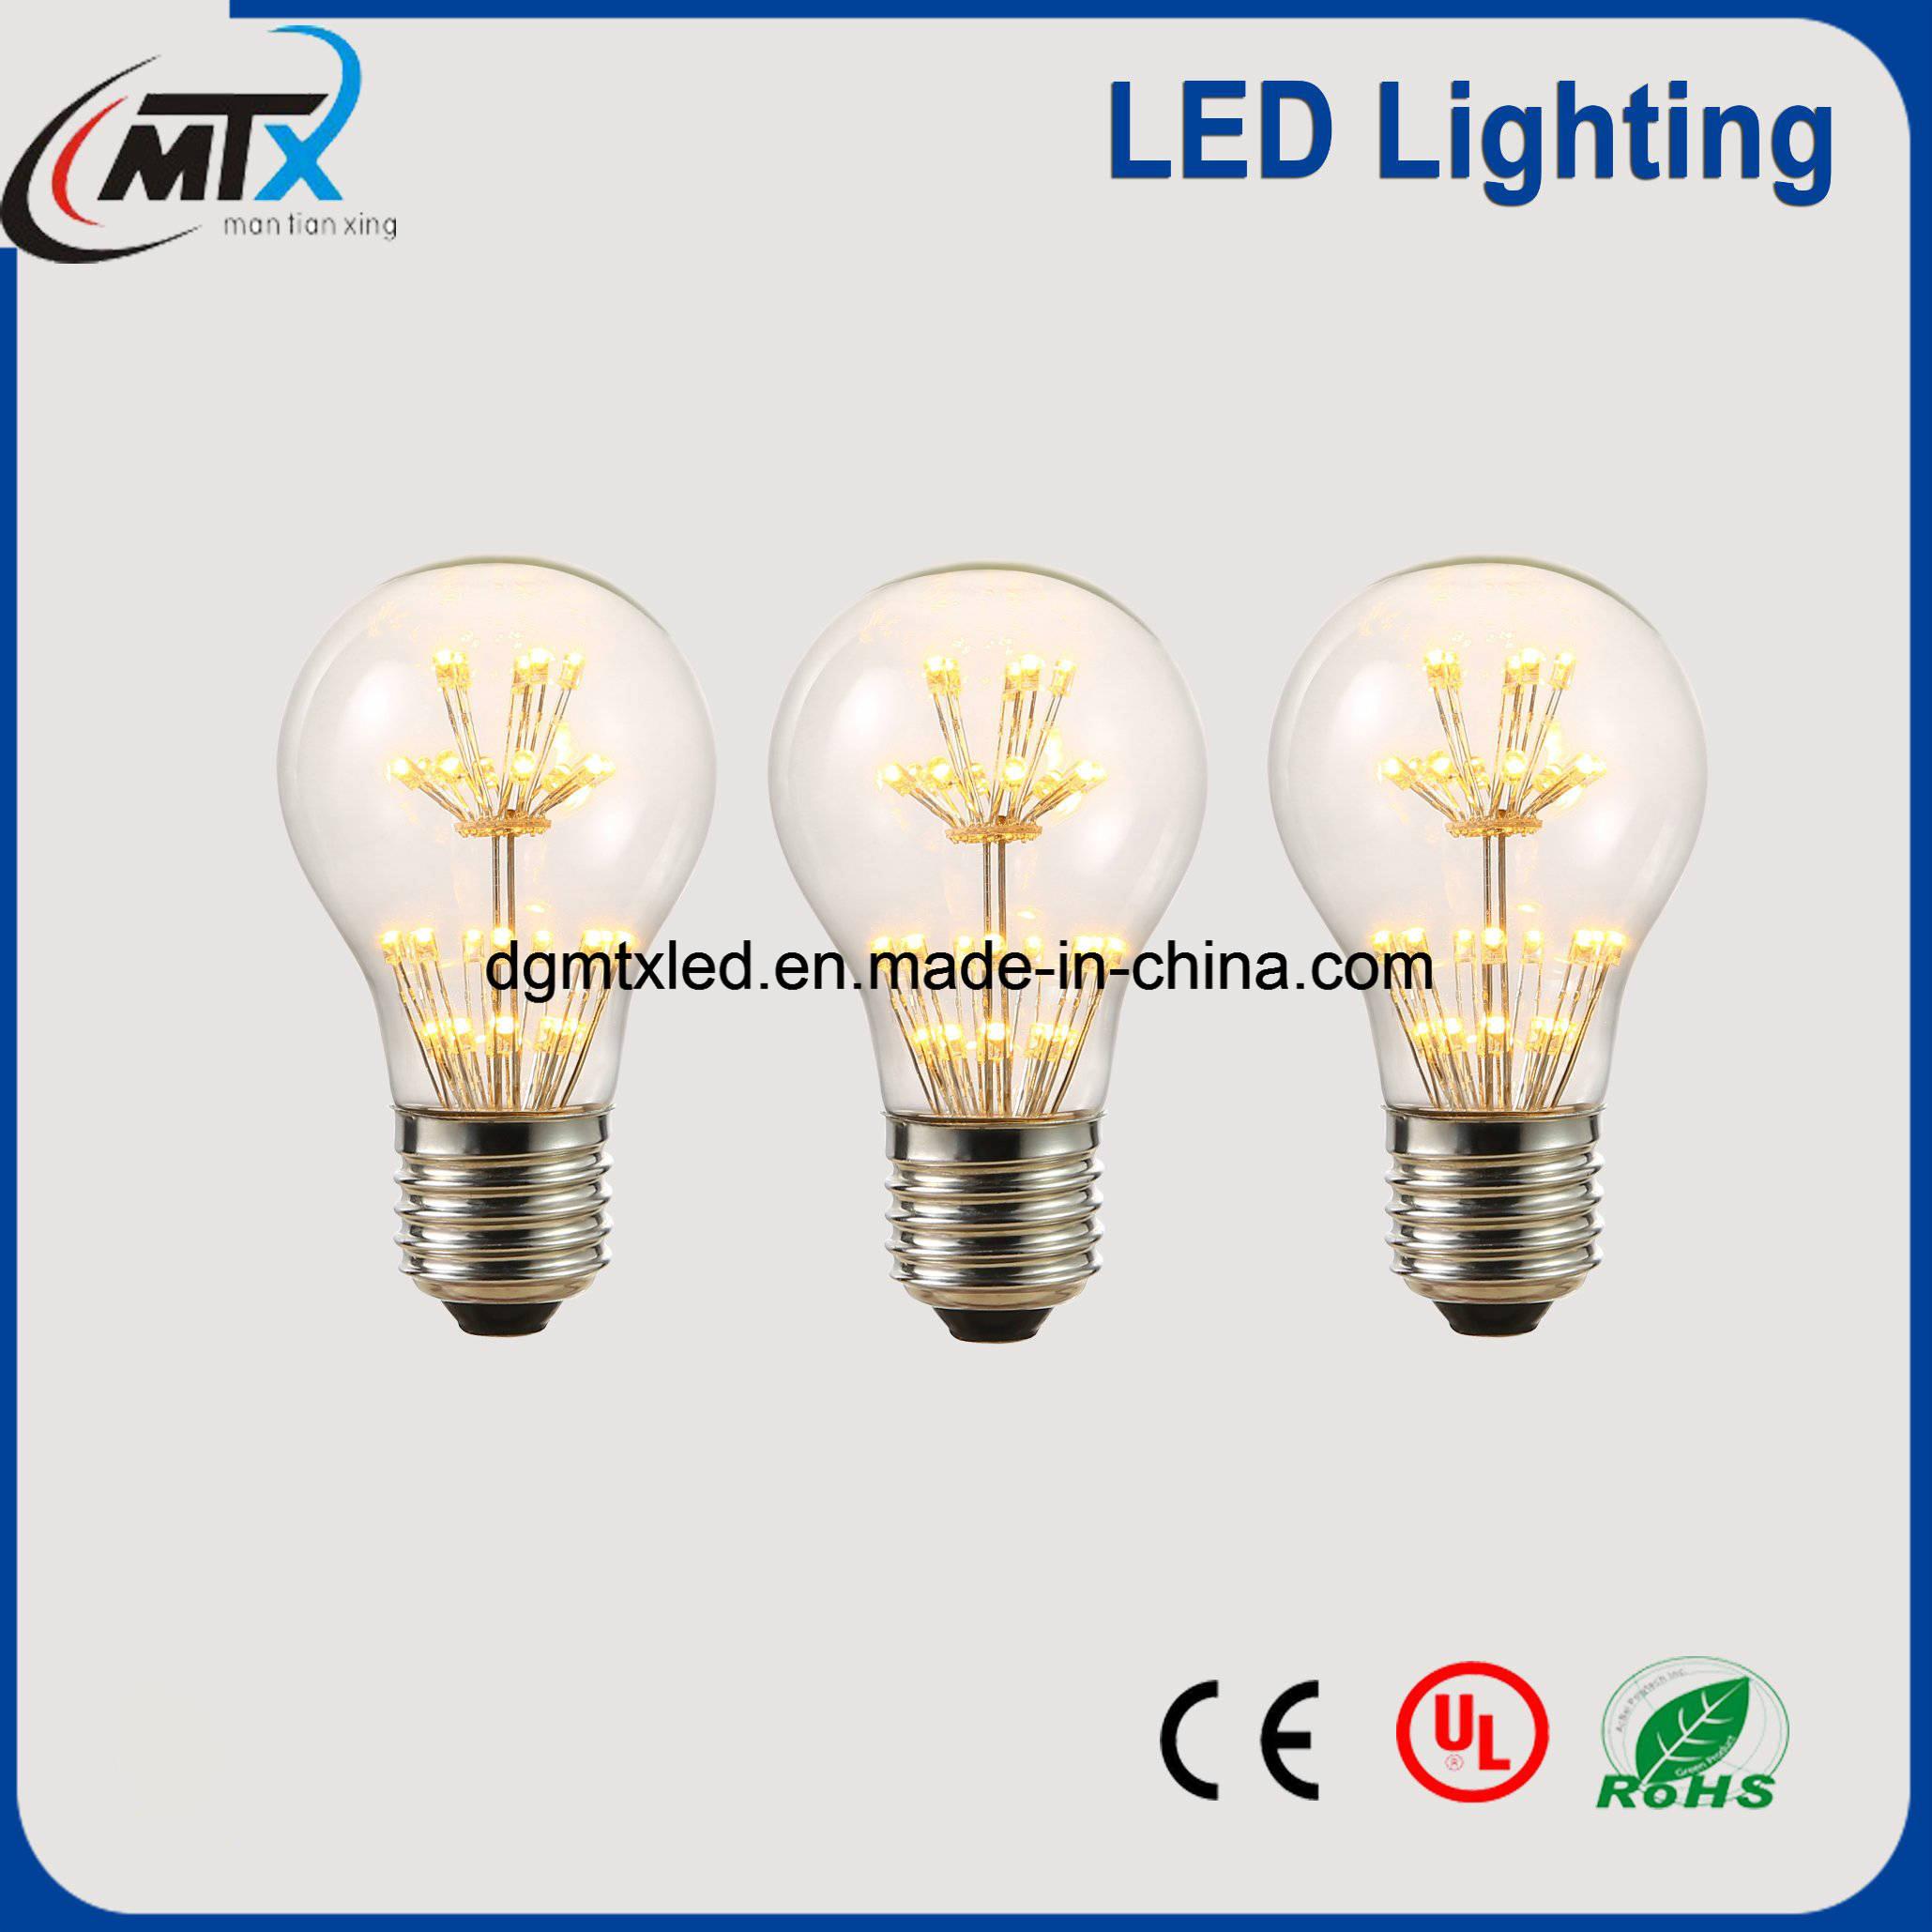 MTX New LED Bulb Retro E27 3W Starry Light bulb Series 110V/220V